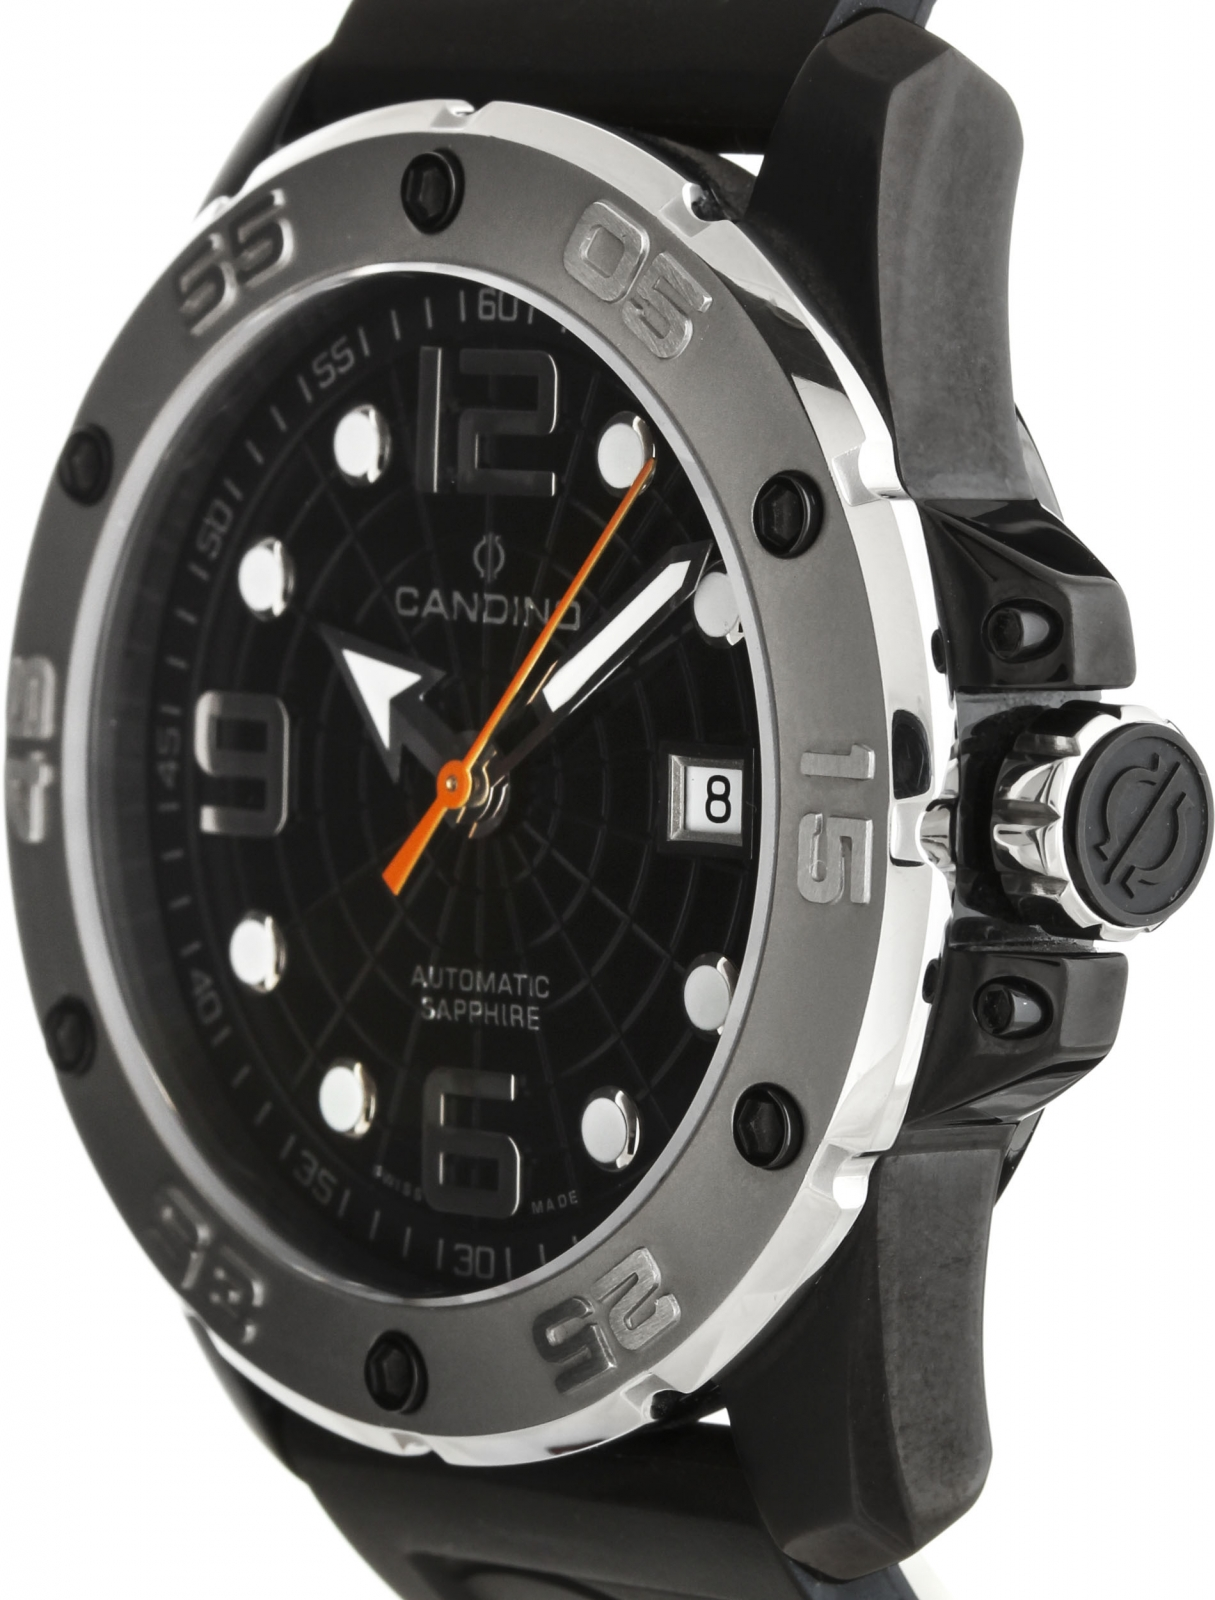 Candino Planet Solar  C4474/3Наручные часы<br>Швейцарские часы Candino Planet Solar C4474/3Представленная модель входит в коллекцию Planet Solar . Это модные мужские часы. Материал корпуса часов — сталь. В этих часах используется сапфировое стекло. Водозащита этих часов 200 м.<br><br>Пол: Мужские<br>Страна-производитель: Швейцария<br>Механизм: Механический<br>Материал корпуса: Сталь<br>Материал ремня/браслета: Каучук<br>Водозащита, диапазон: 200 - 800 м<br>Стекло: Сапфировое<br>Толщина корпуса: None<br>Стиль: None